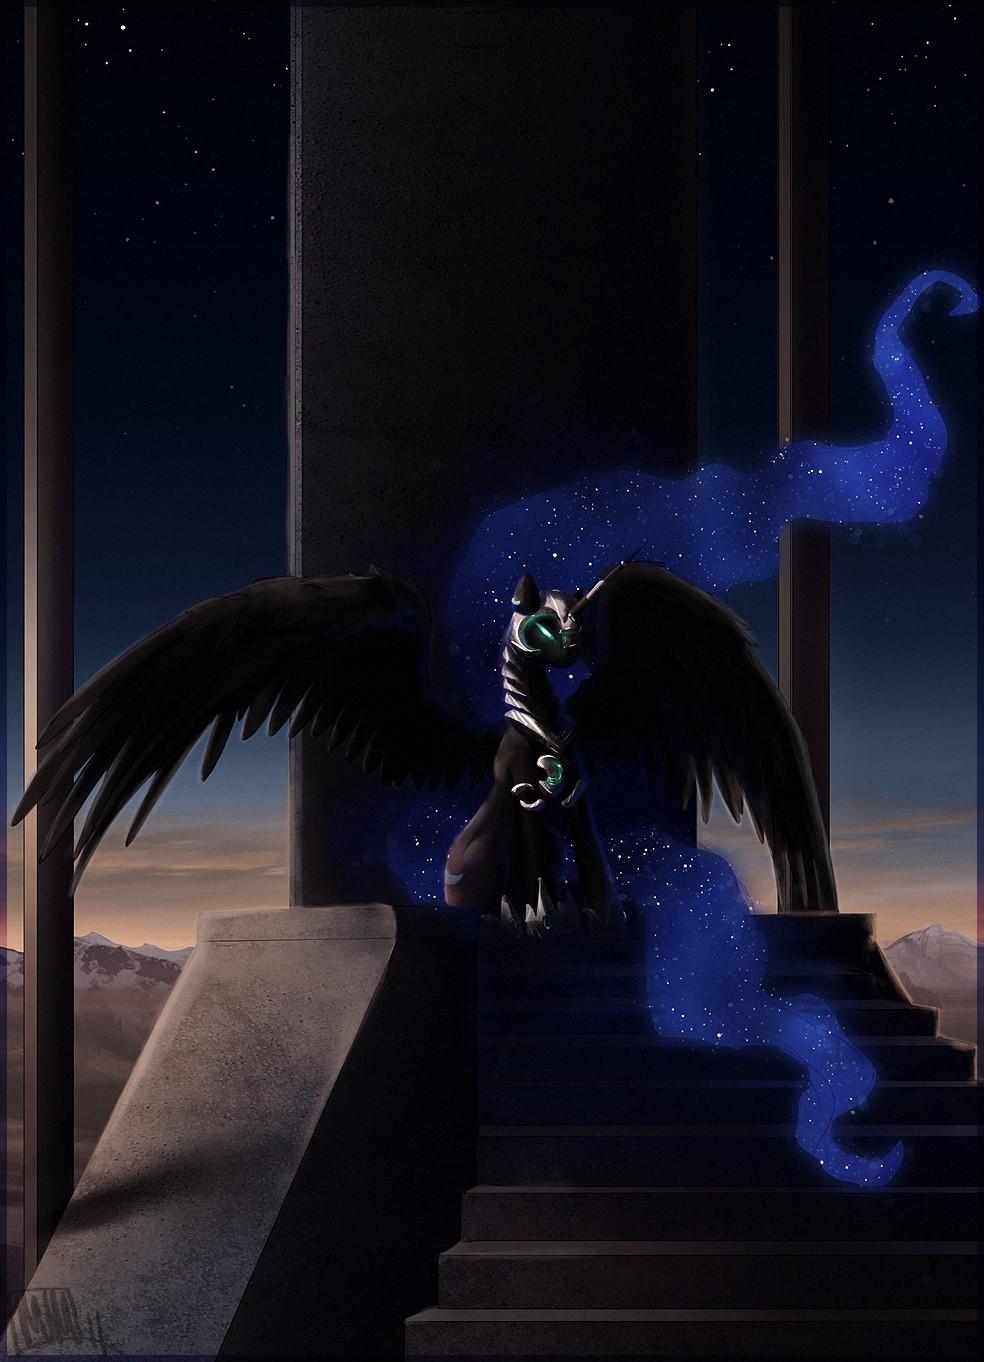 Nightmare Moon My Little Pony Zerochan Anime Image Board